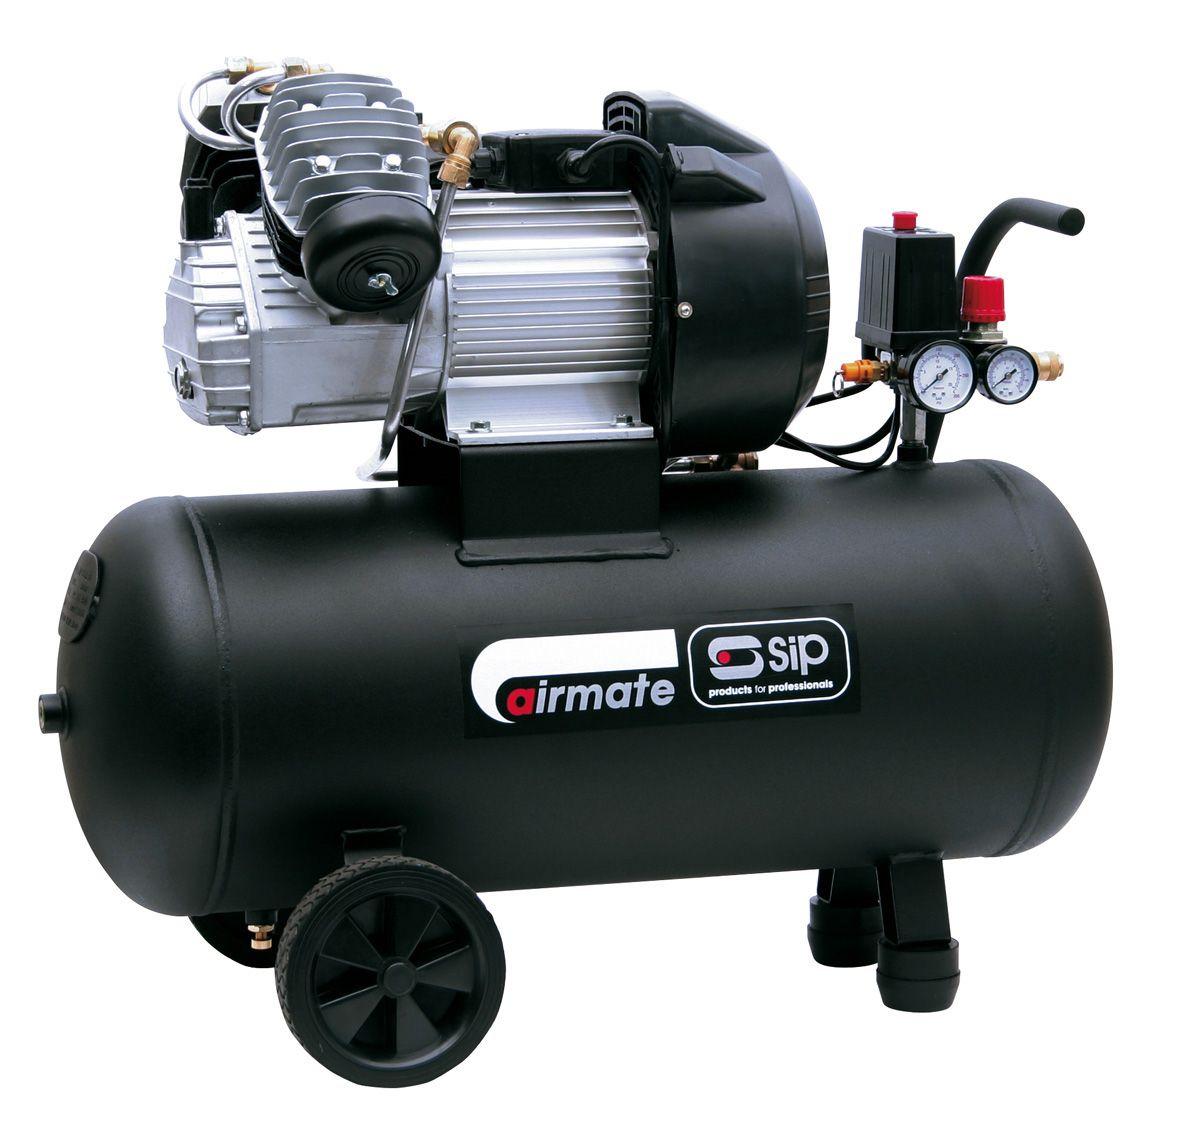 SIP Airmate Tn3.0/50-D 50 Litre 3.0Hp Air Compressor 230V